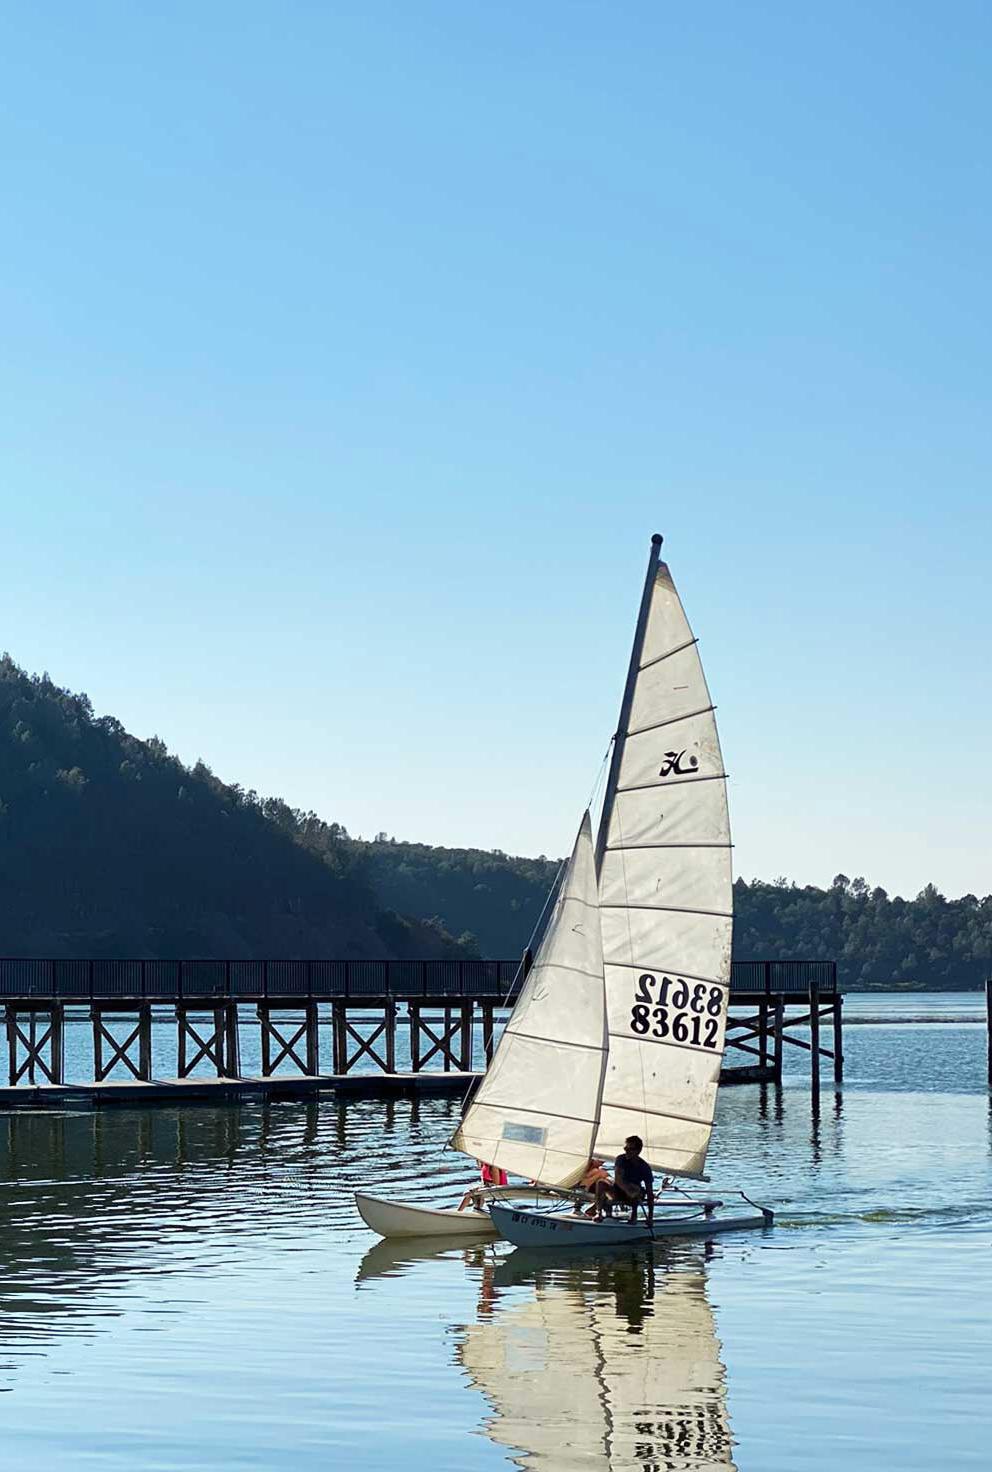 Lake Activities - Sailing